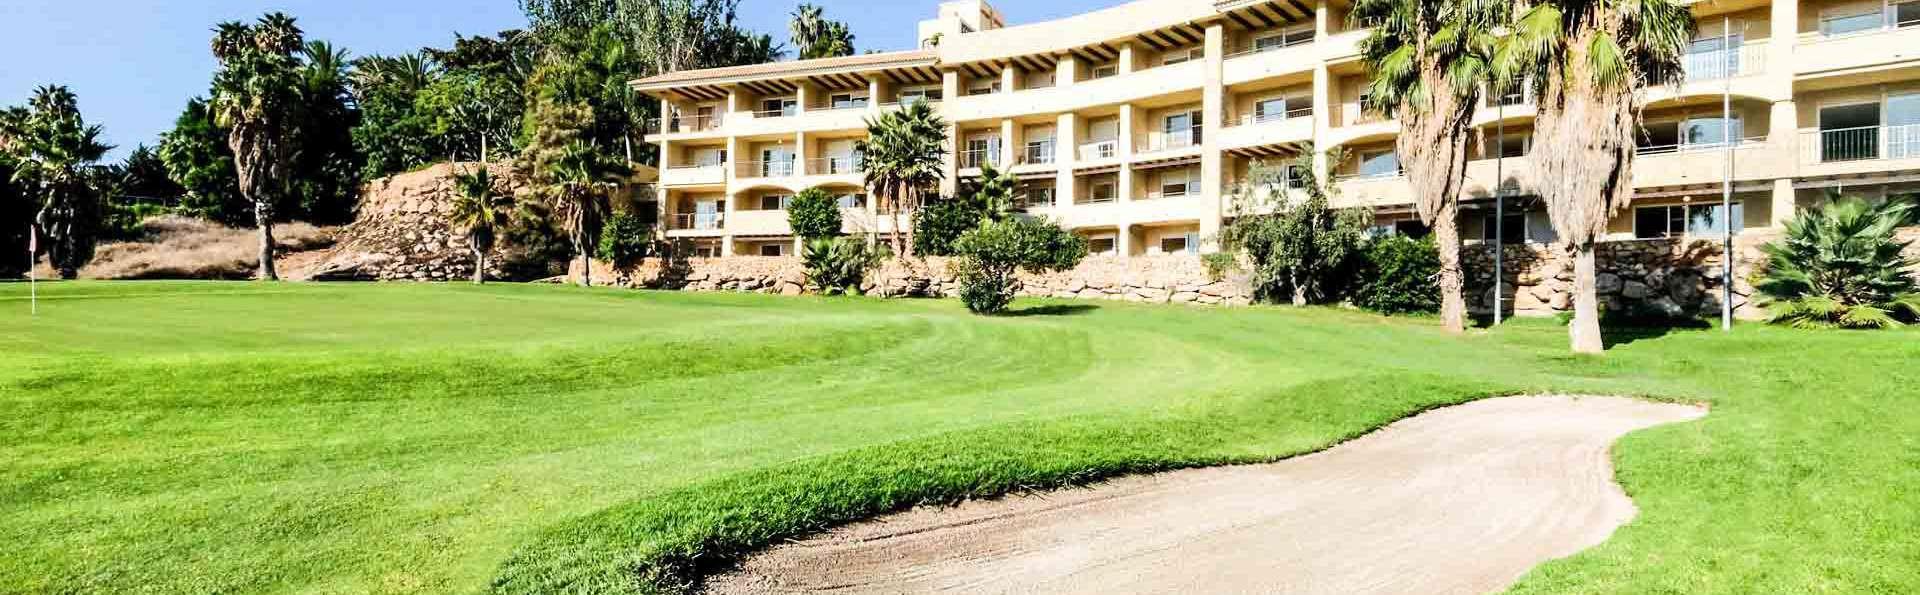 Hotel Envía Almería Spa & Golf - Apartamentos - EDIT_apartamentos_02.jpg